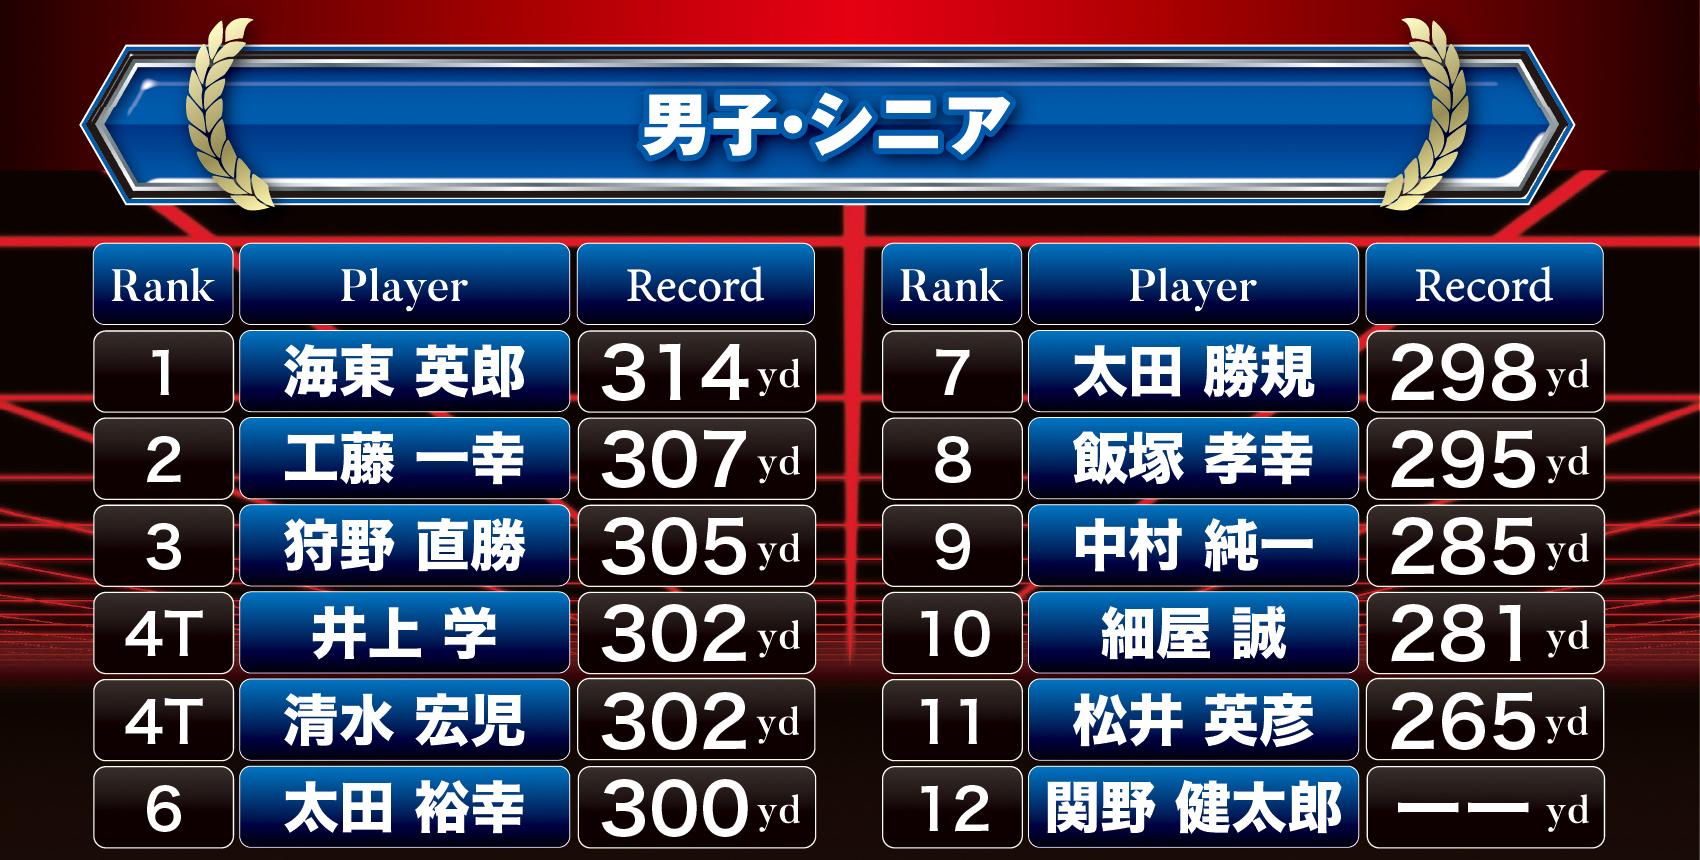 海東英郎選手